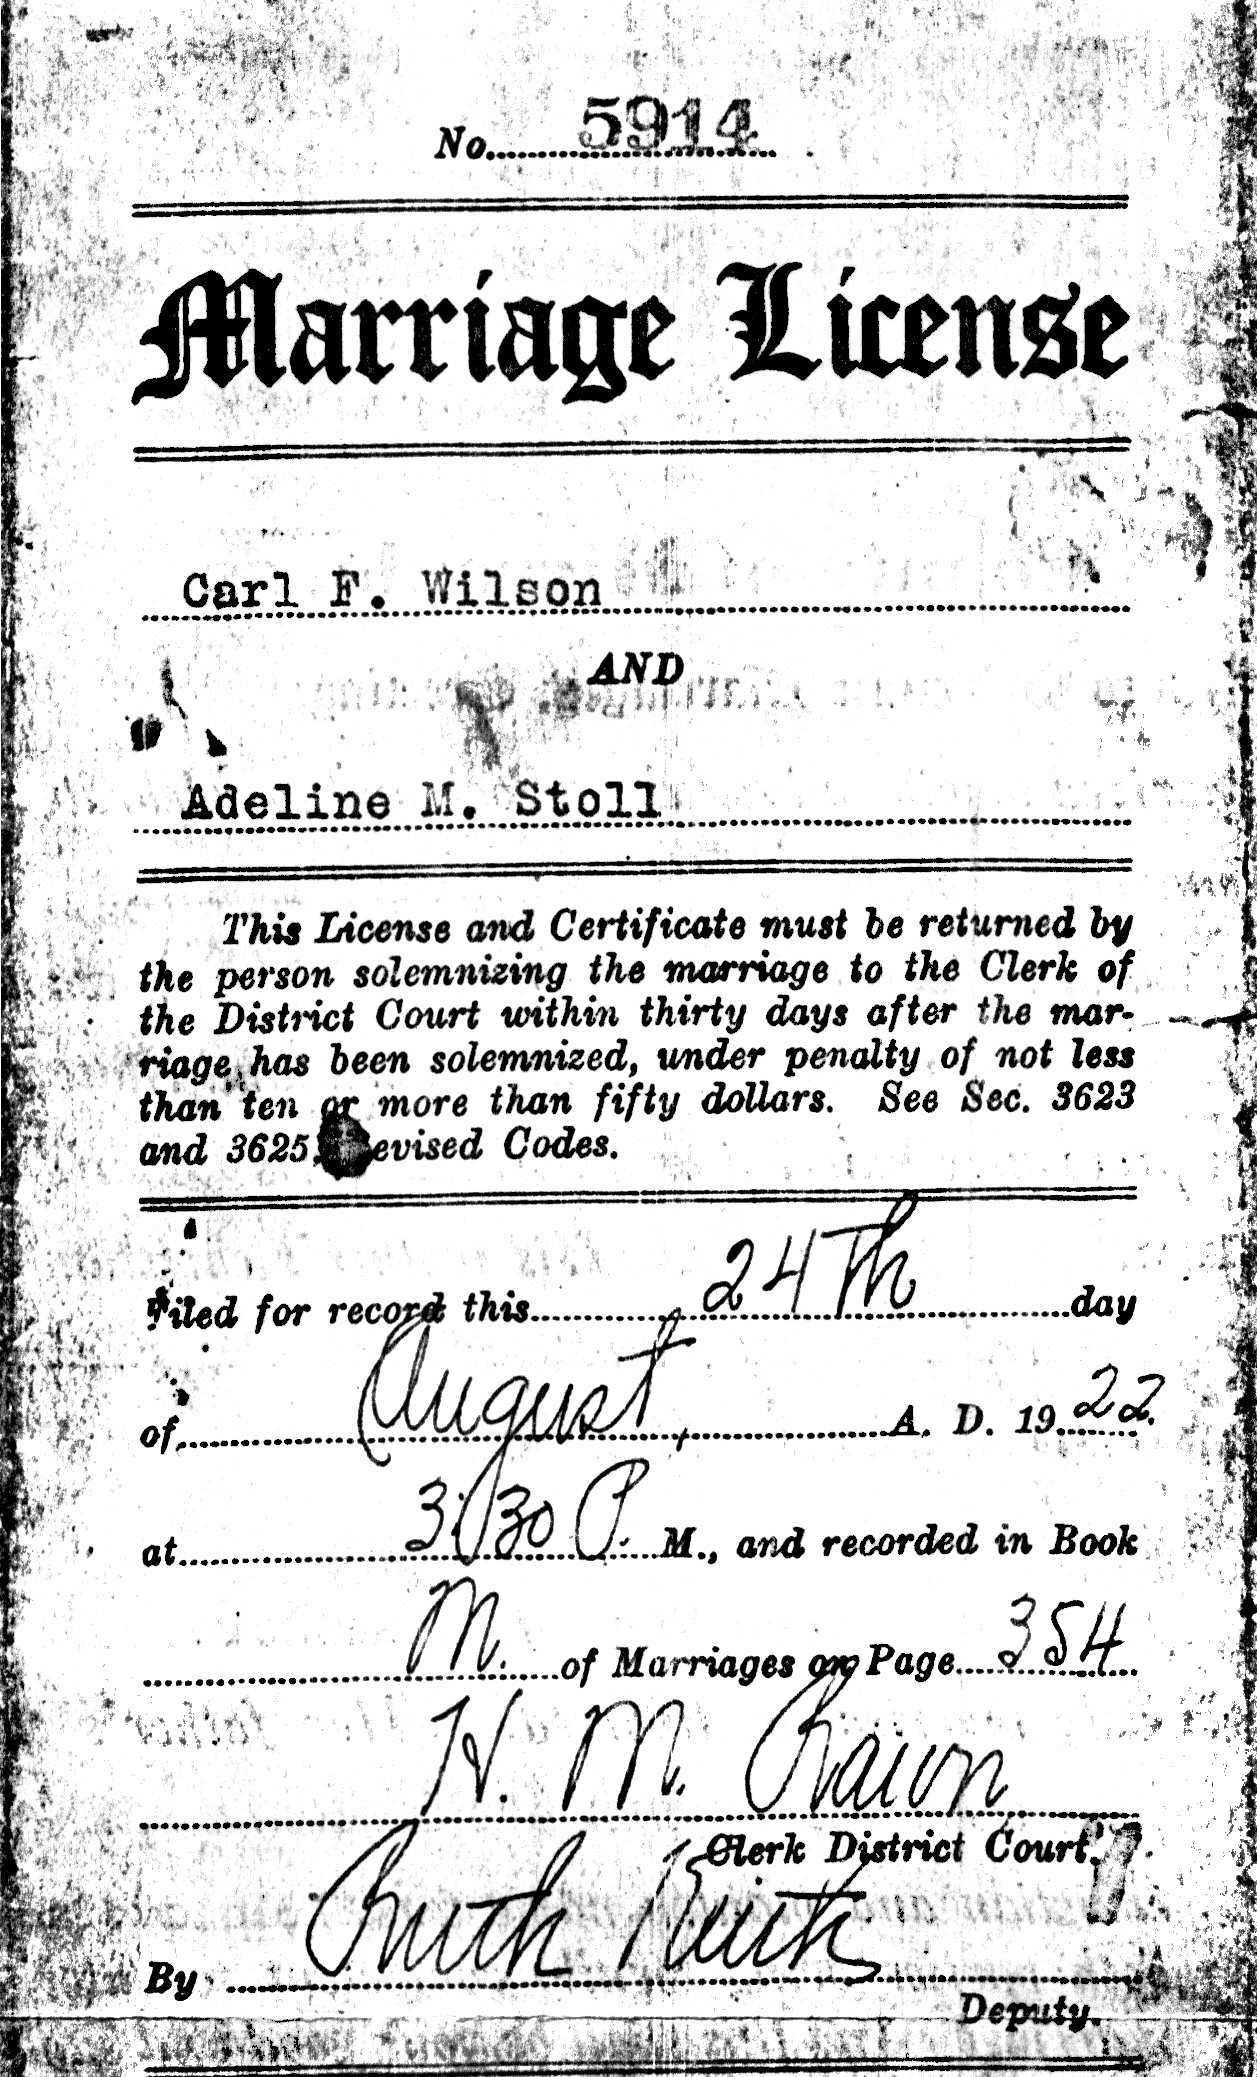 wilson,_carl_-_marriage_license.jpg